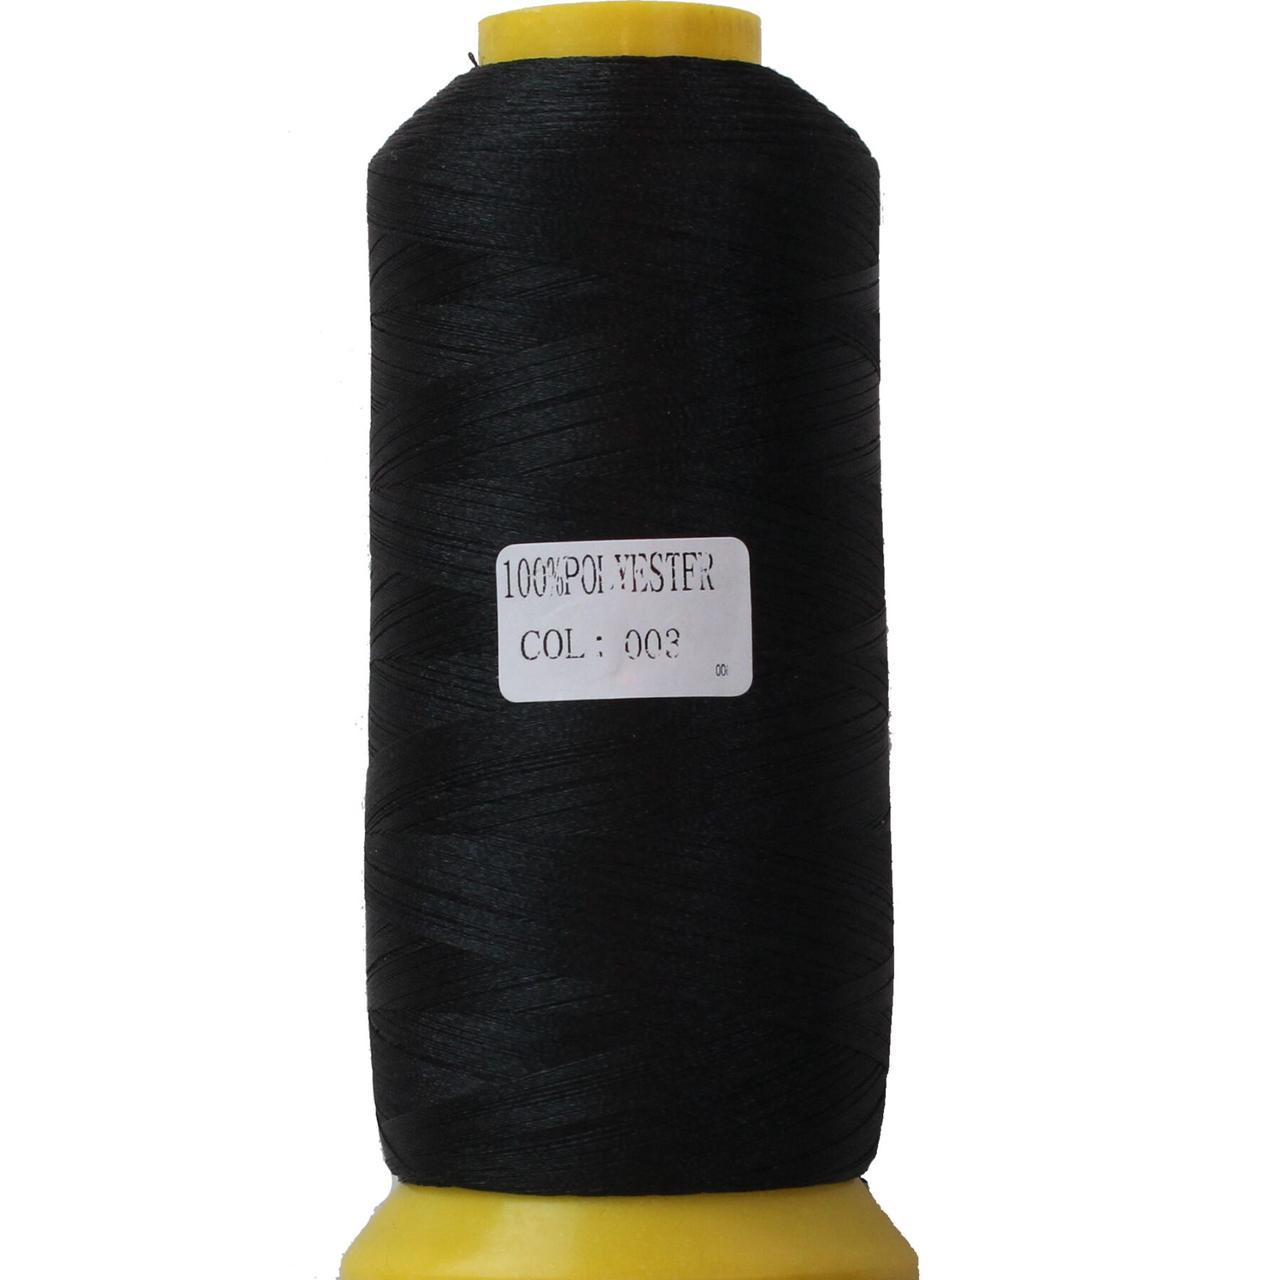 Нить полиэстер 40, 120D/2, цвет 003, Козачок-ТМ